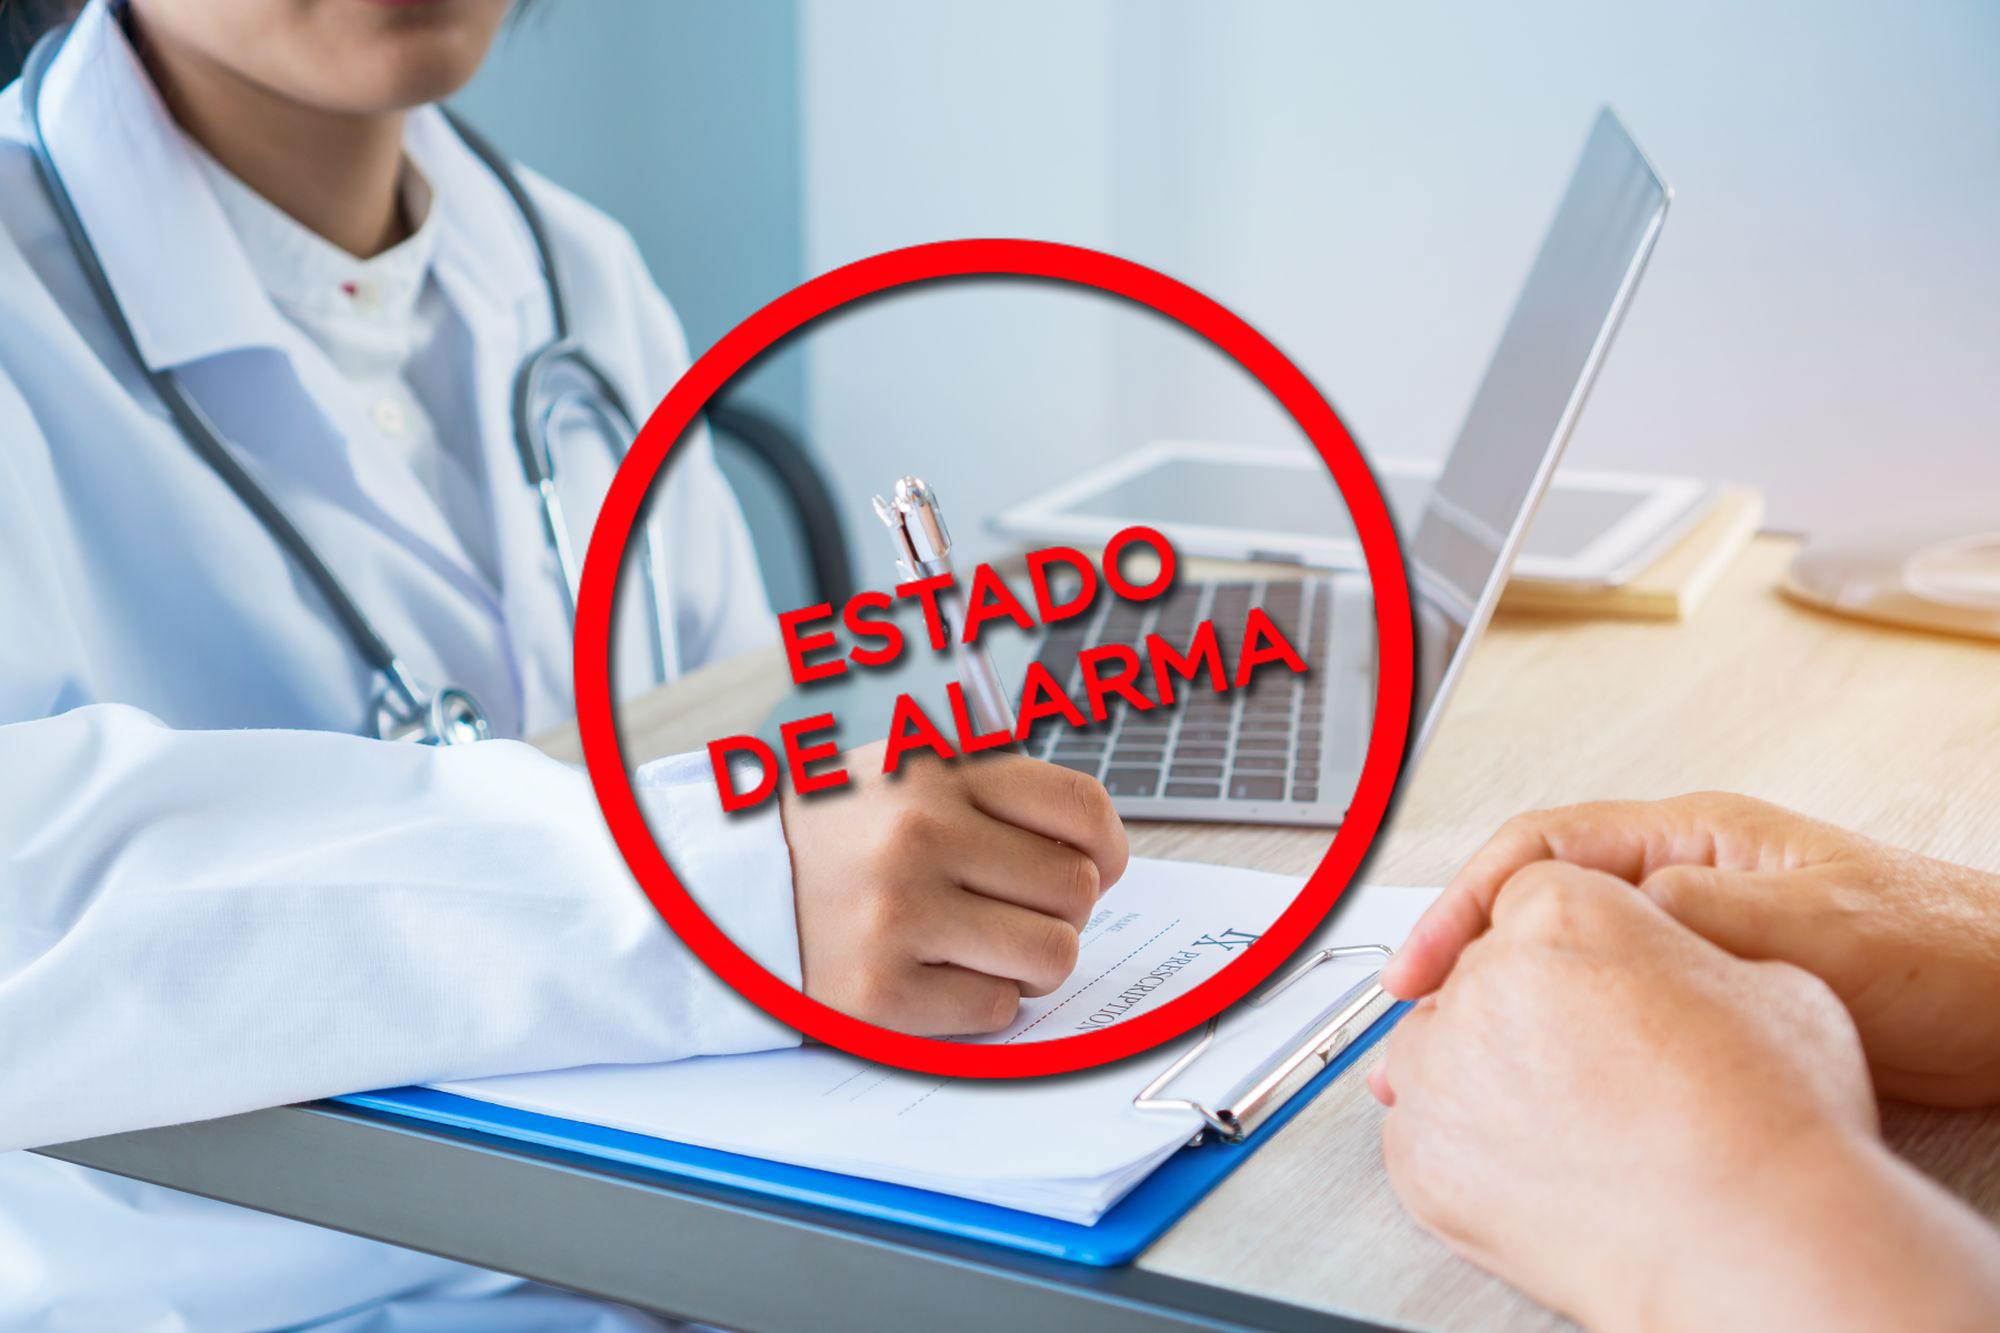 Responsabilidad patrimonial de la administración en relación a la desatención de los enfermos durante la pandemia del COVID